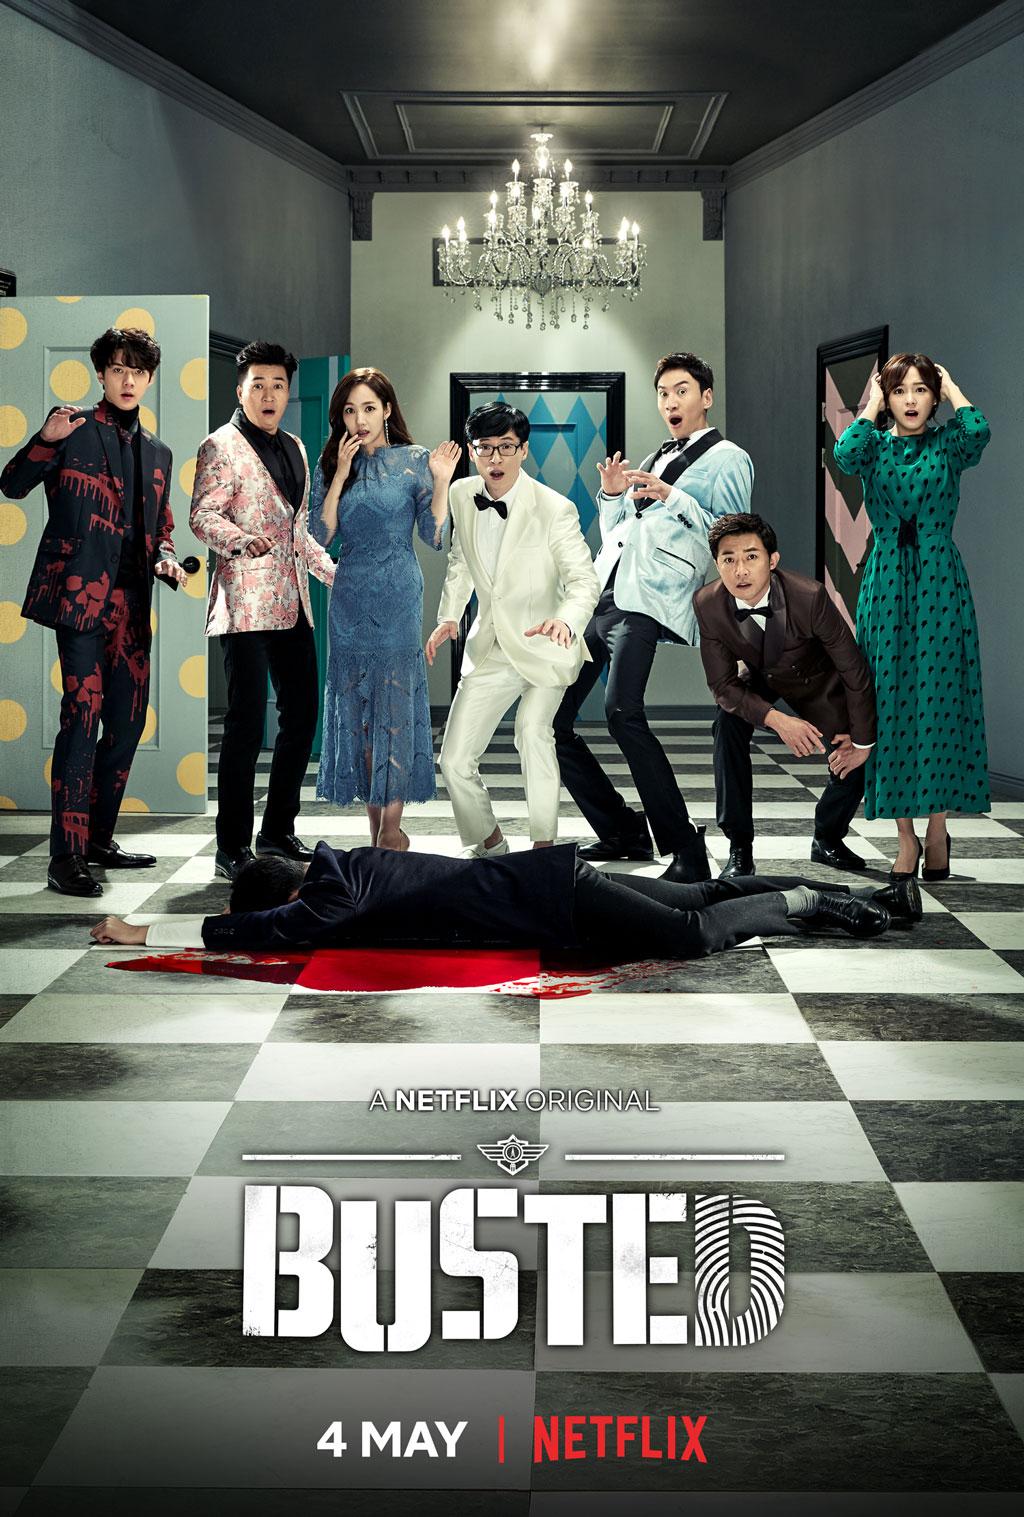 Netflix Original Busted!